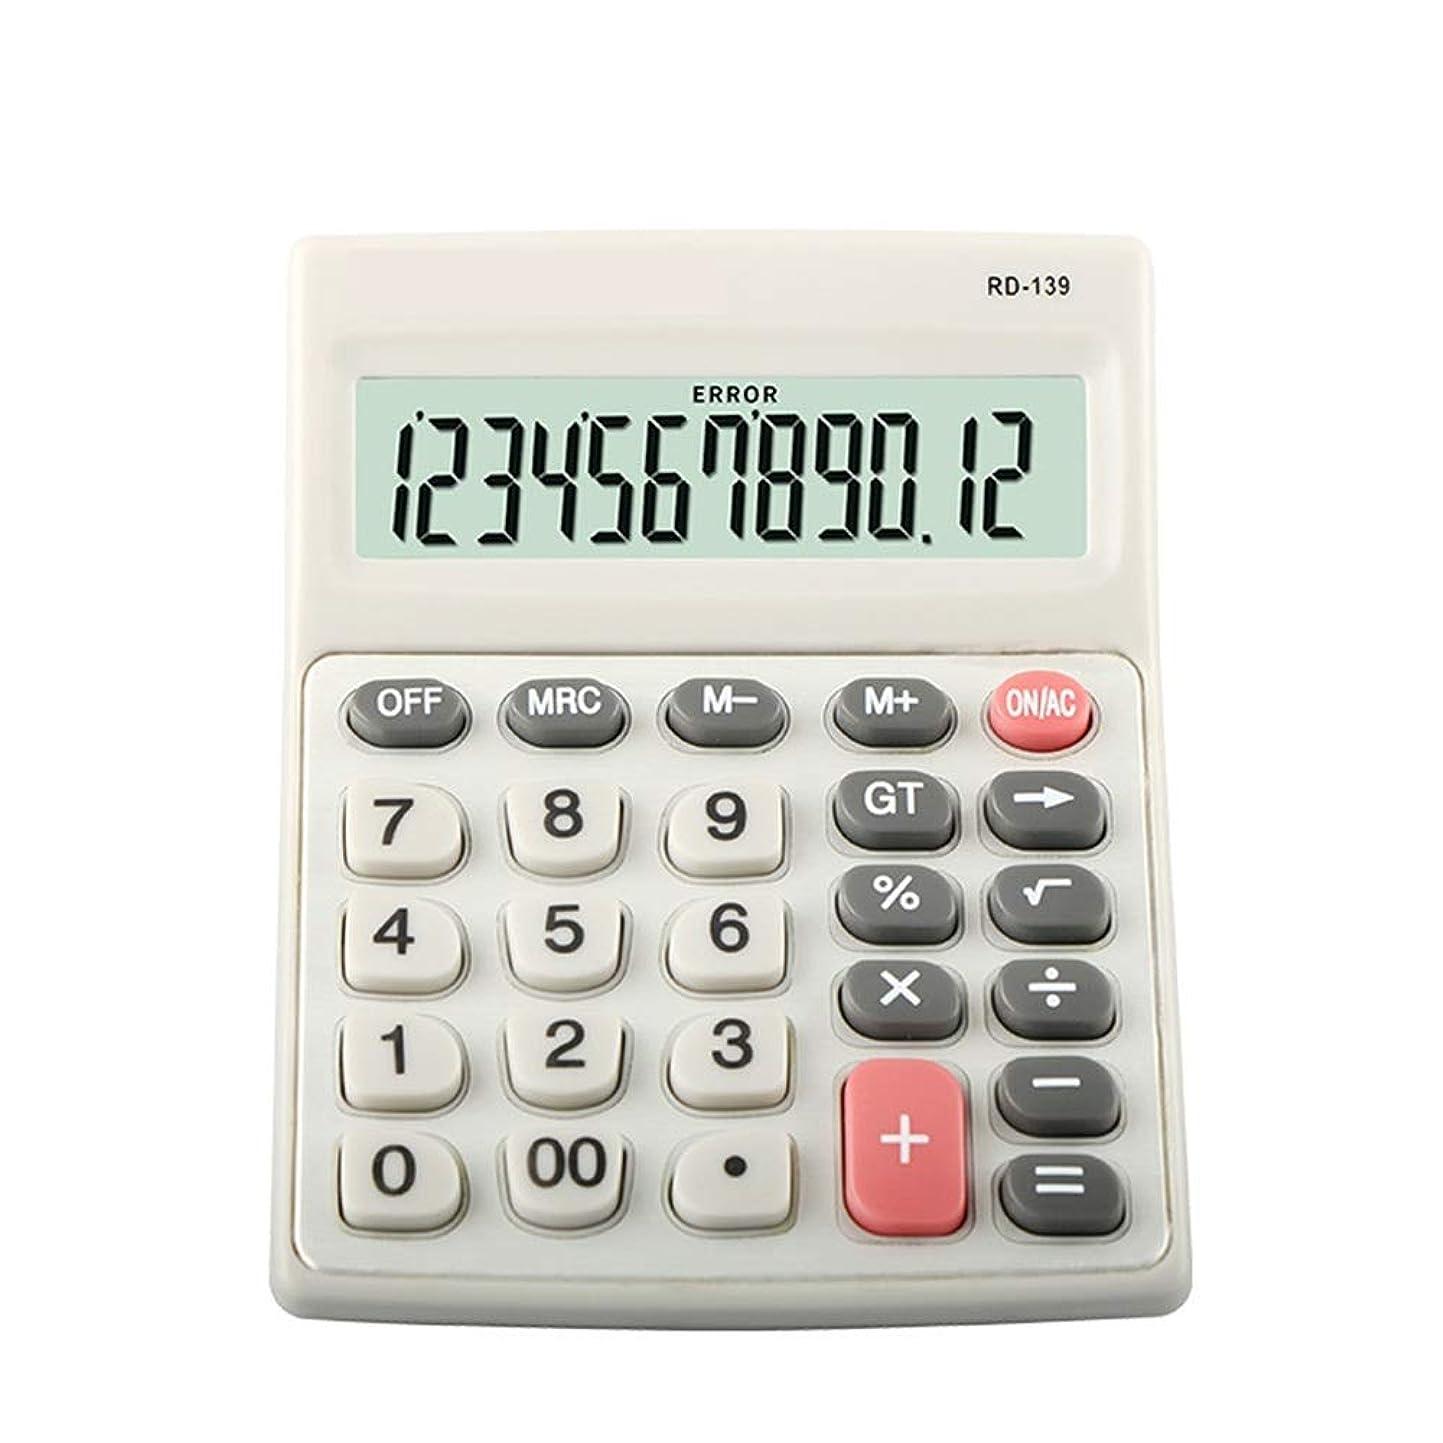 グロー妥協ビジュアル実務電卓 ミニビジネス電卓、12桁のソーラー電卓、標準機能エレクトロニクスデスクトップ電卓 学校 小売店 オフィス など 適用 (色 : Photo Color, サイズ : ワンサイズ)